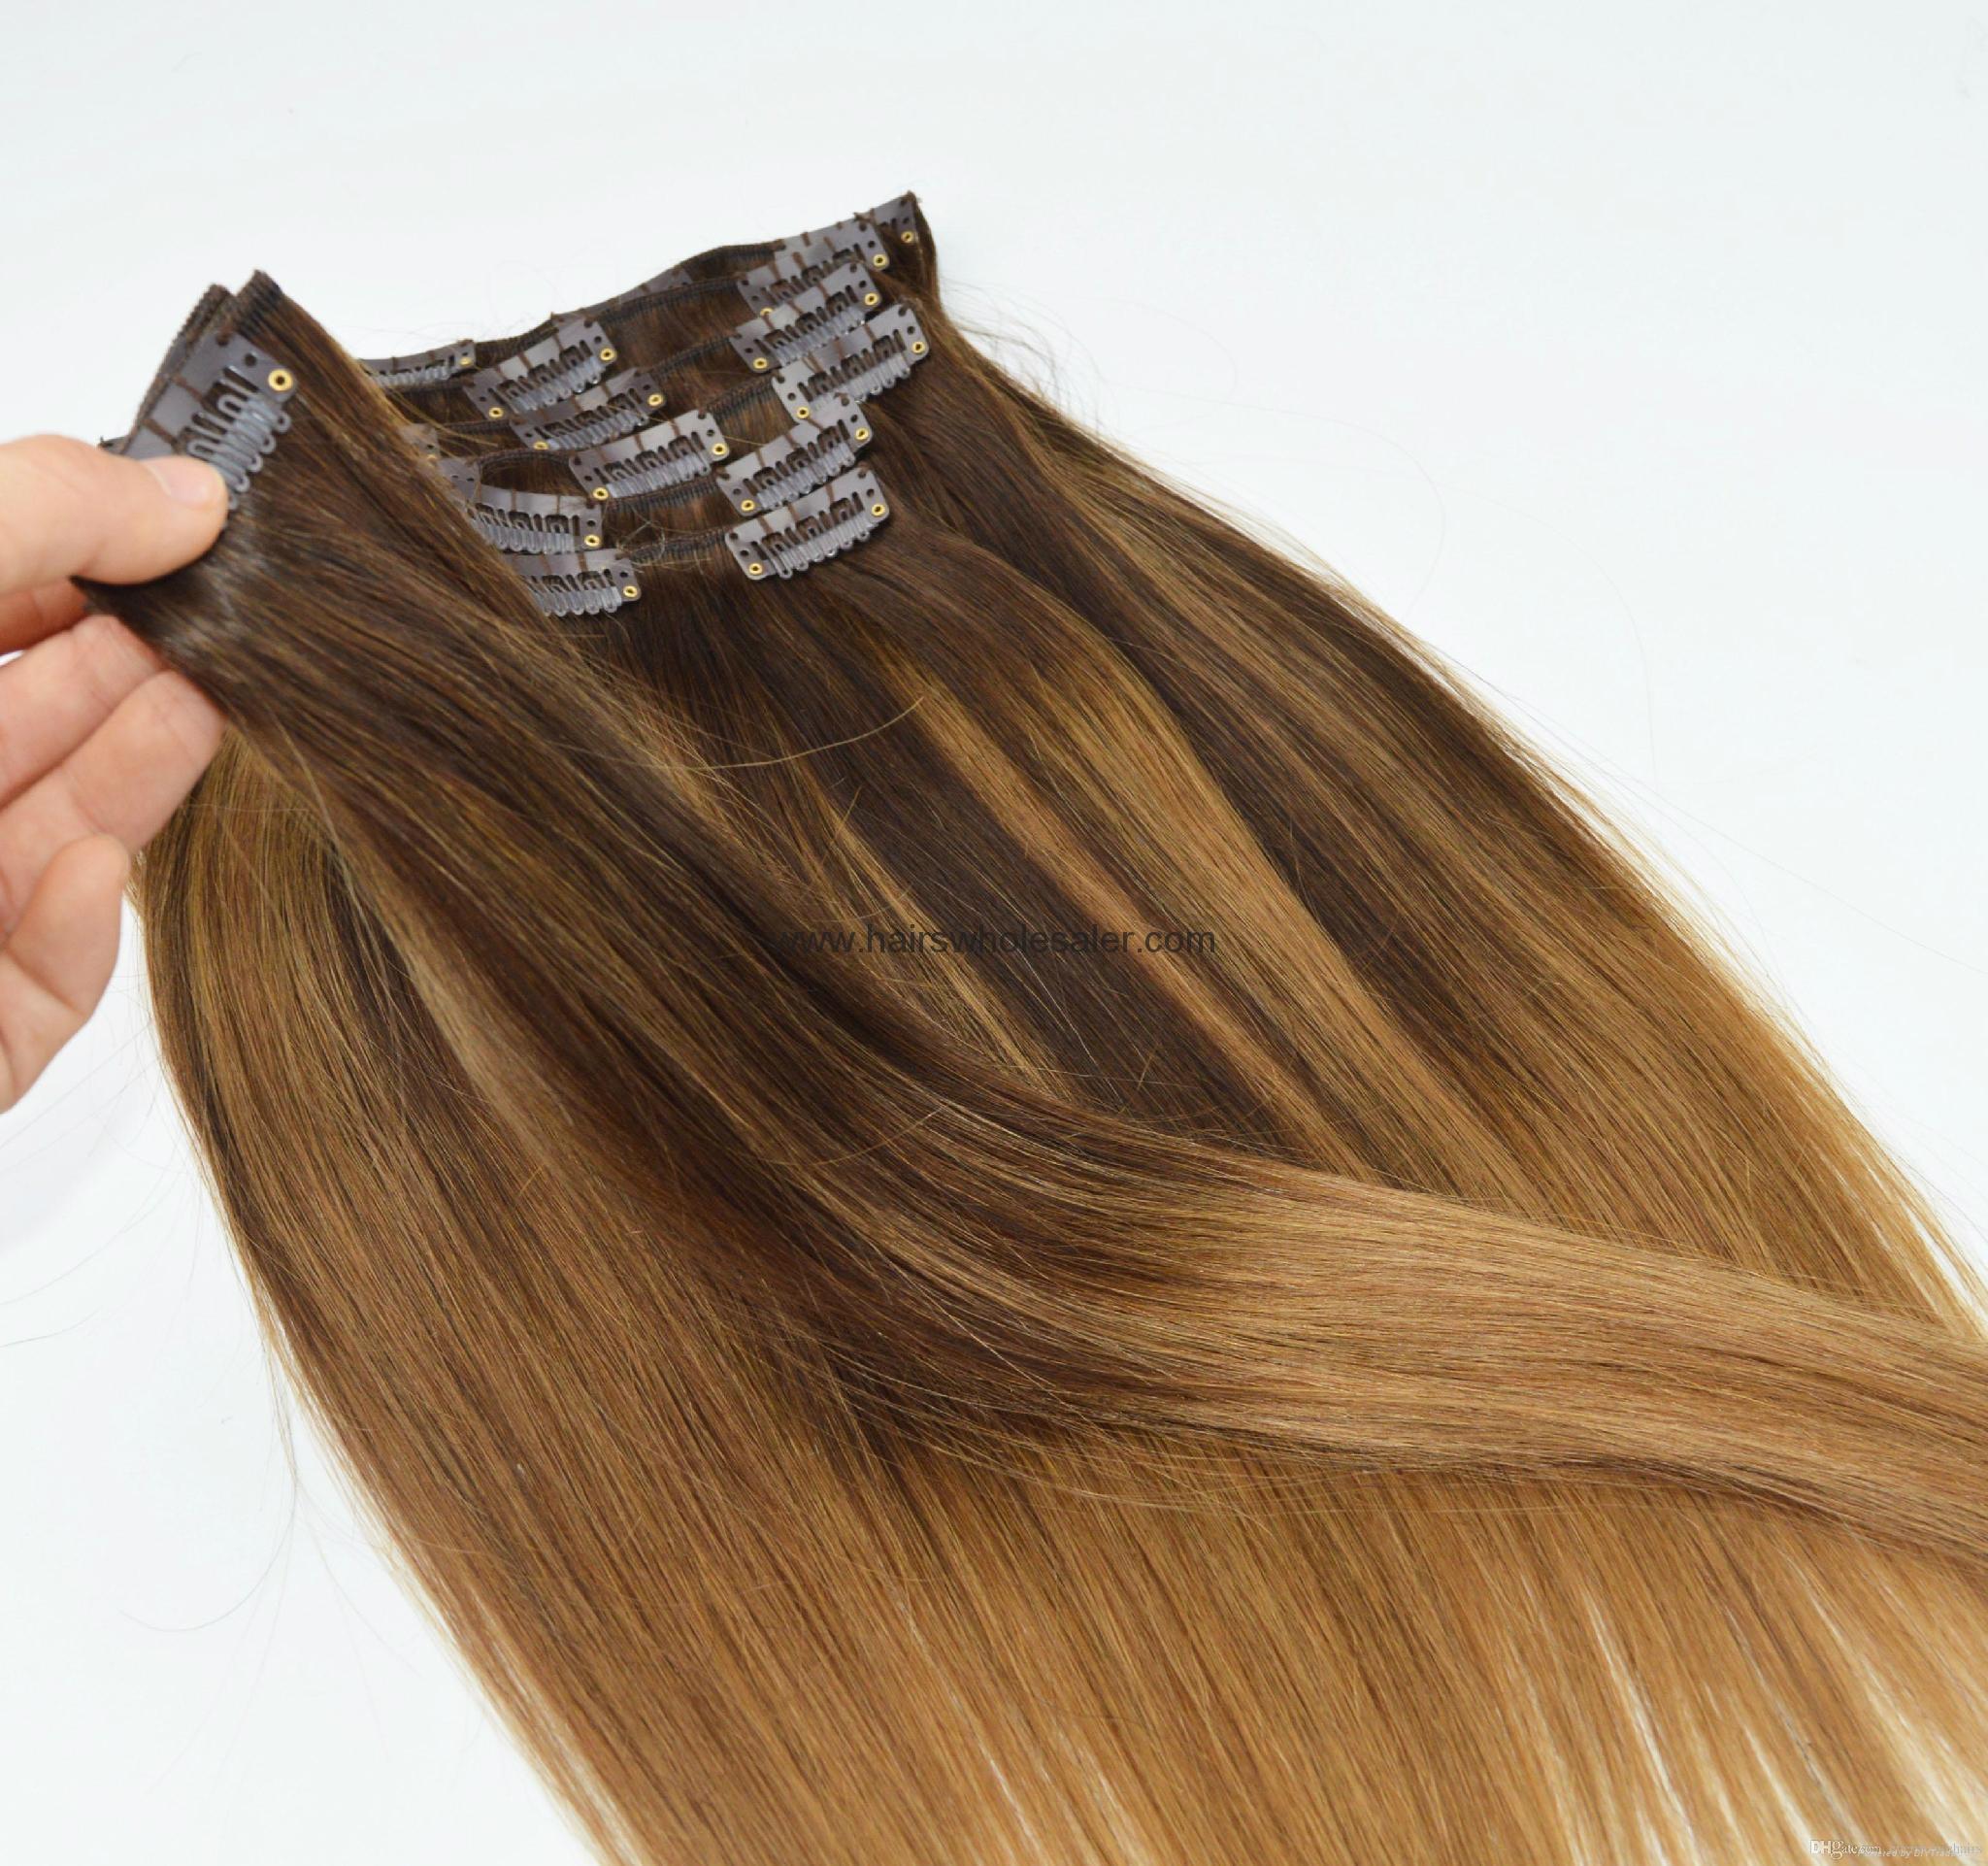 Black Women Hair Extension Fashion Style Clip Hair 60g China Manufacturer Hair Ornaments